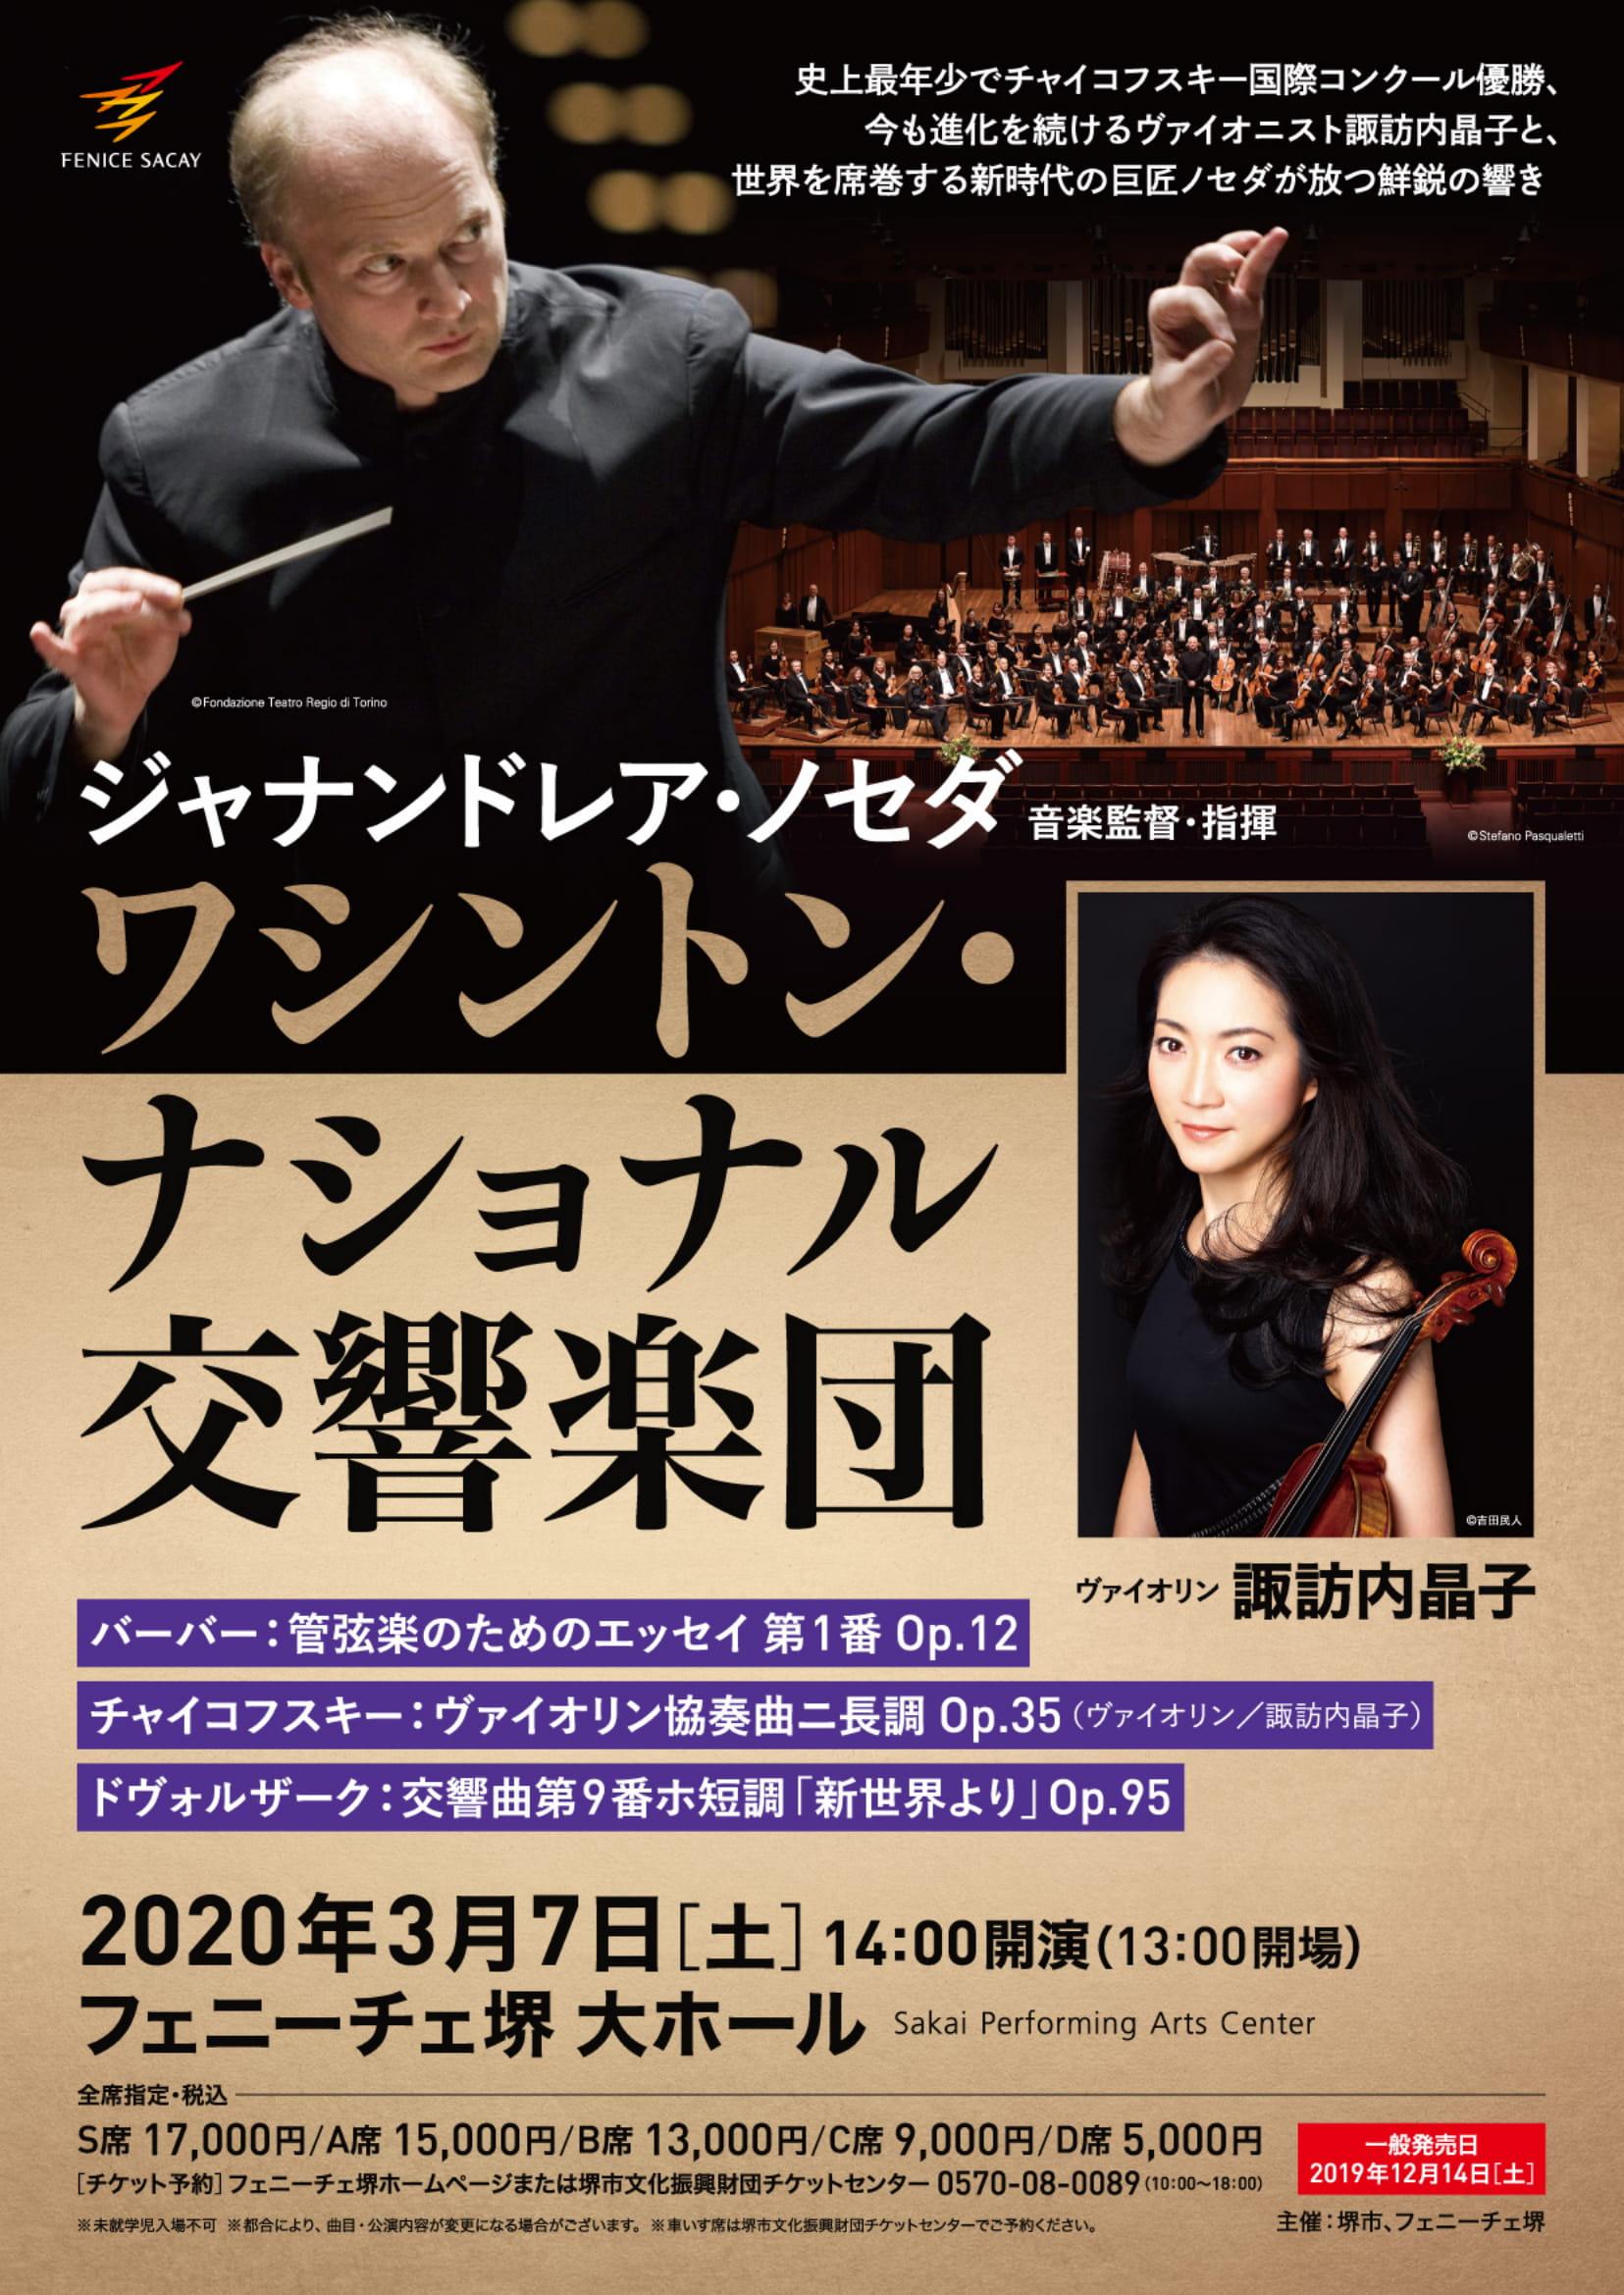 ワシントン・ナショナル交響楽団 【ヴァイオリン 諏訪内晶子】